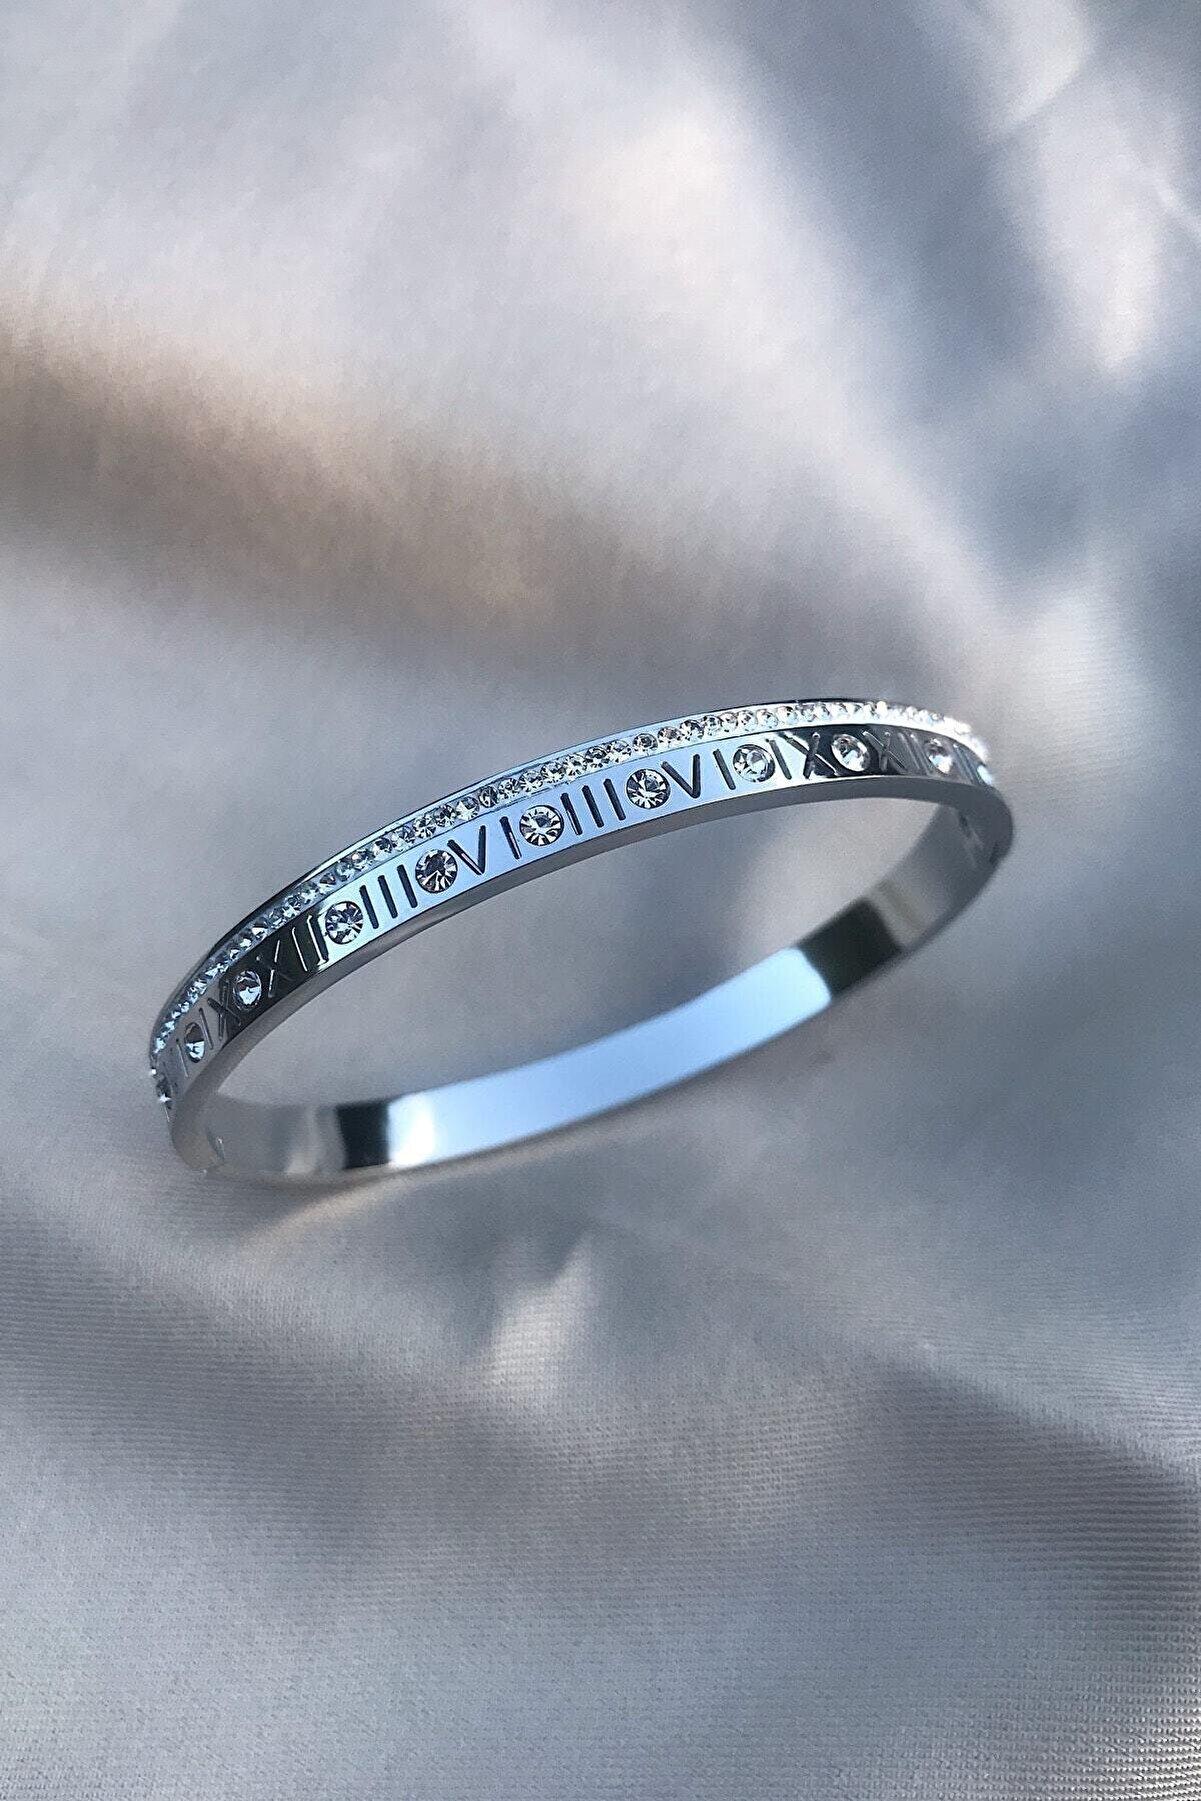 Novon Giyim & Aksesuar Roma Rakamlı Zirkon Taşlı Gümüş Rengi 316l Çelik Bileklik